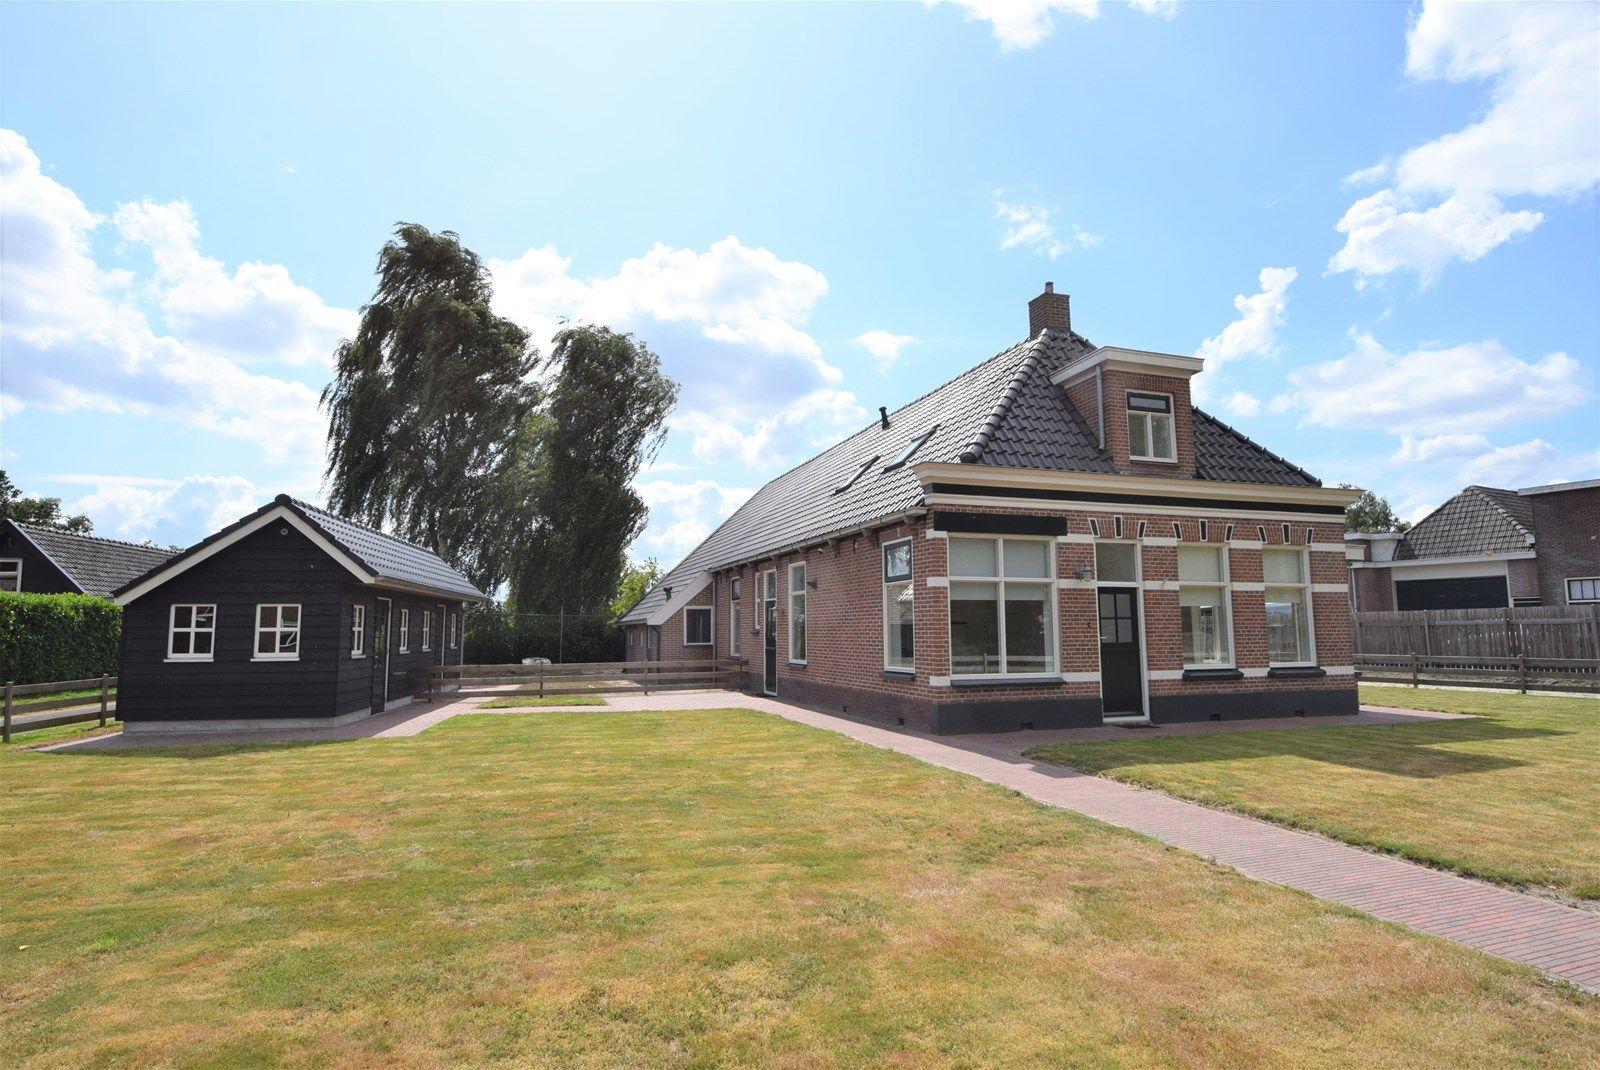 Midden 182, Wapserveen